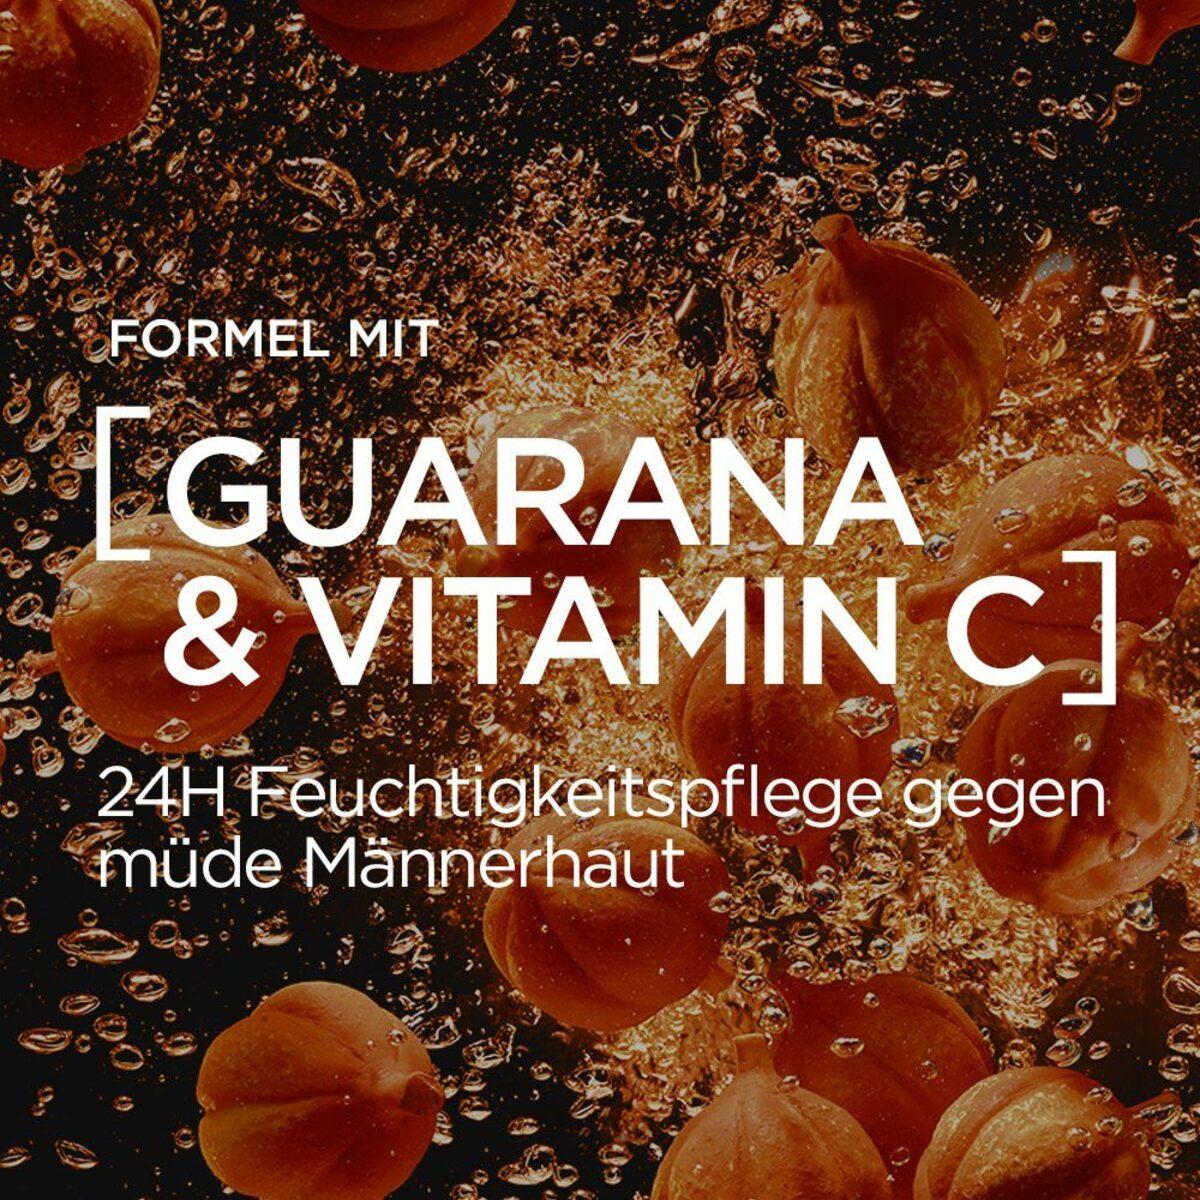 Bild 5 von L'ORÉAL PARIS MEN EXPERT Feuchtigkeitscreme »Hydra Energy 24H Anti-Müdigkeit«, Feuchtigkeitspflege mit Vitamin C & Guarana